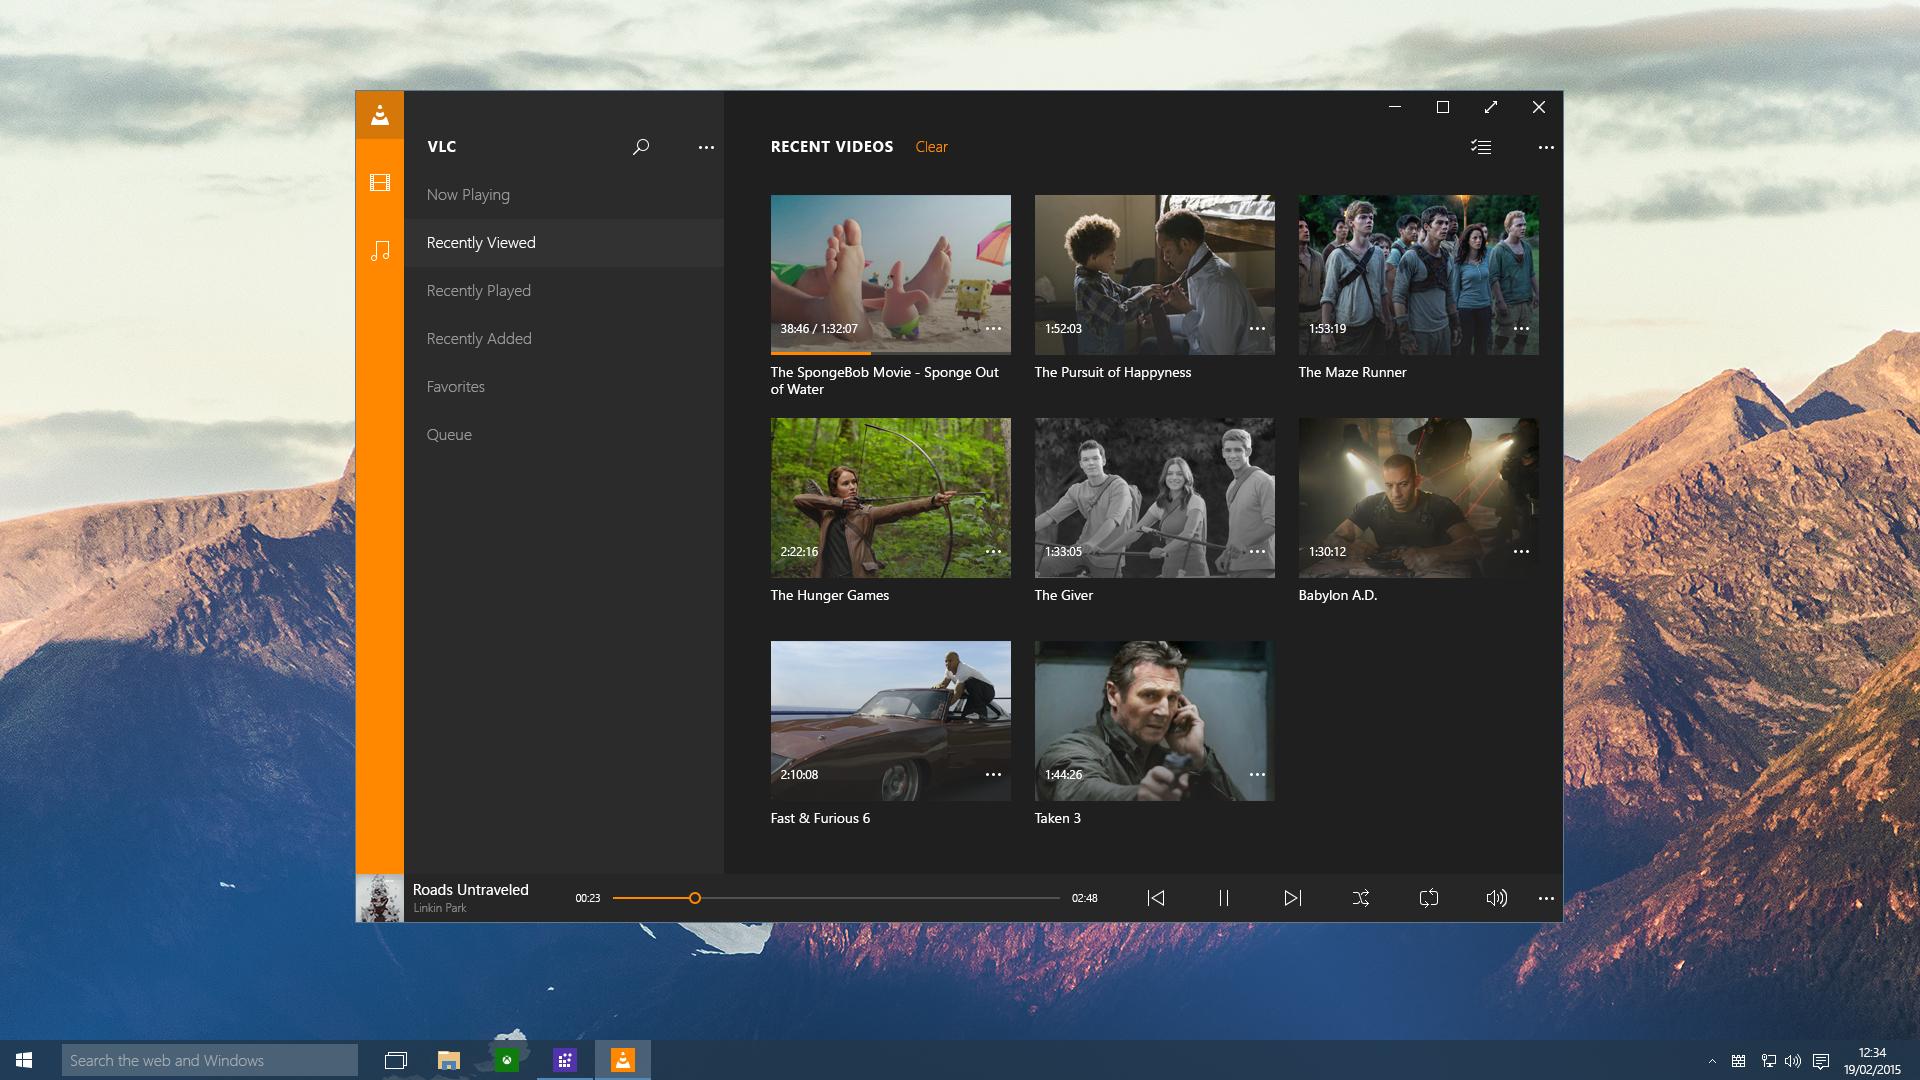 Windows 10 - VLC by Metroversal on DeviantArt